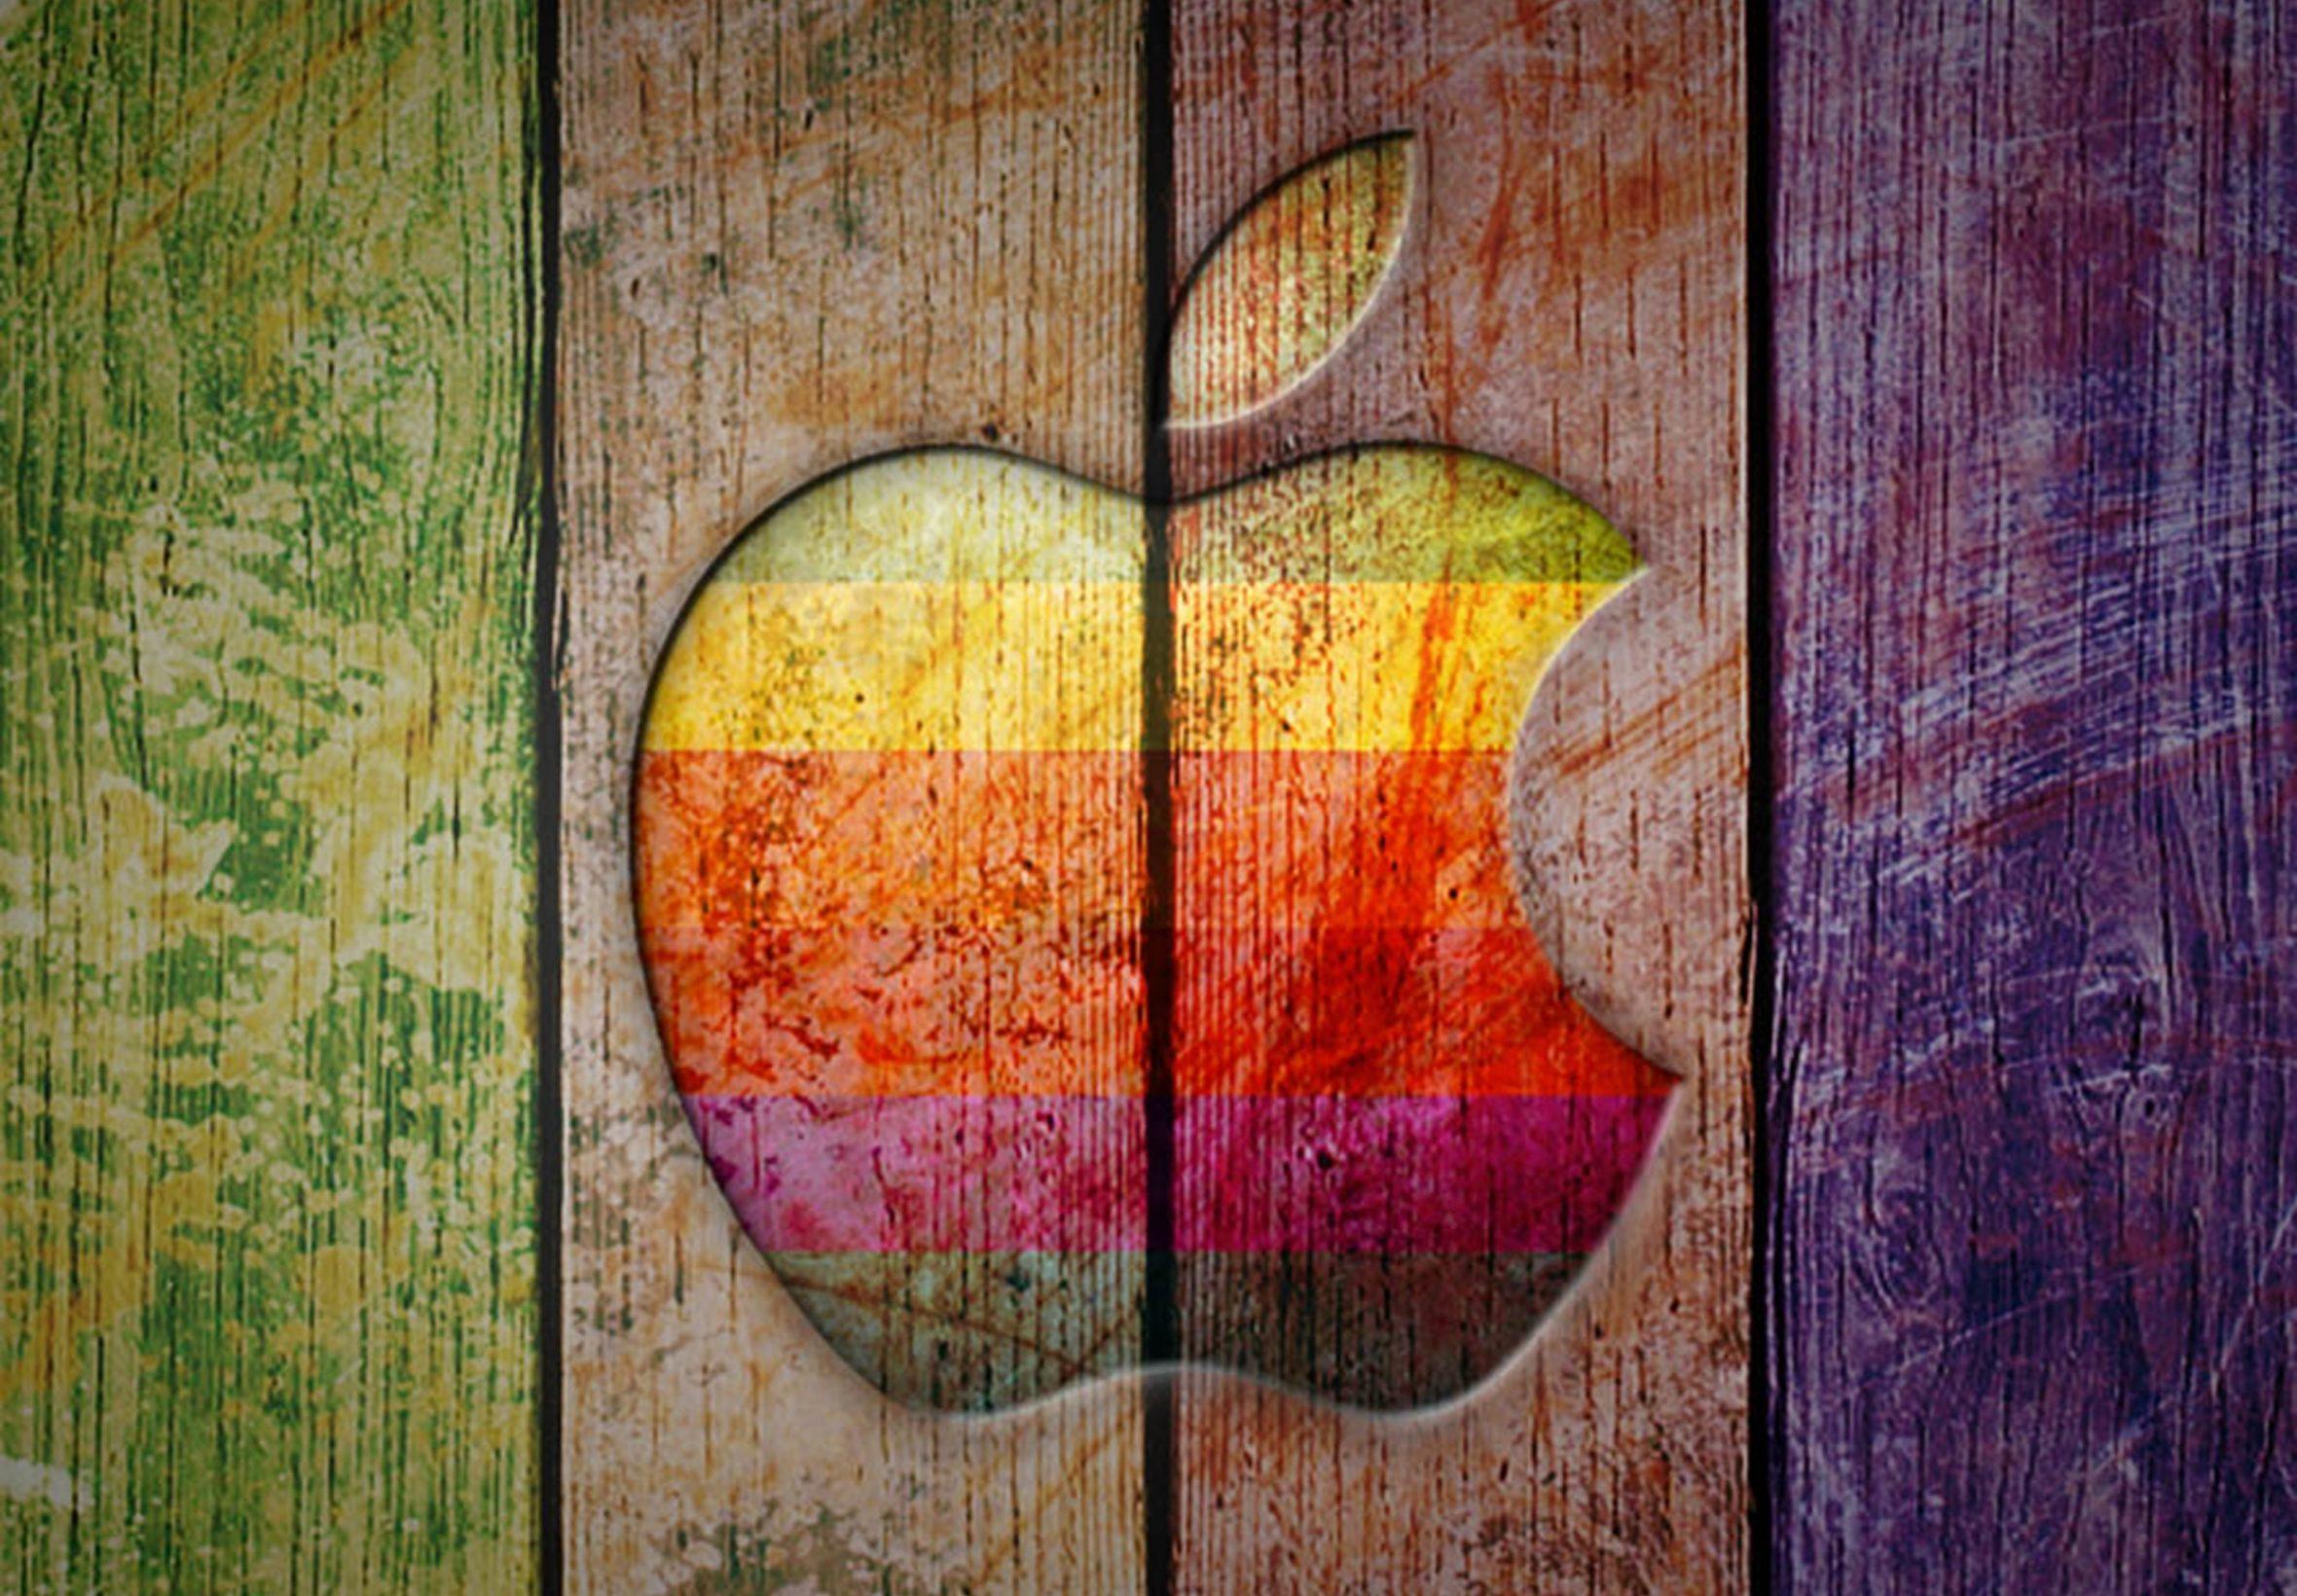 2360x1640 iPad Air wallpaper 4k Apple Logo on Colorful Wood Ipad Wallpaper 2360x1640 pixels resolution